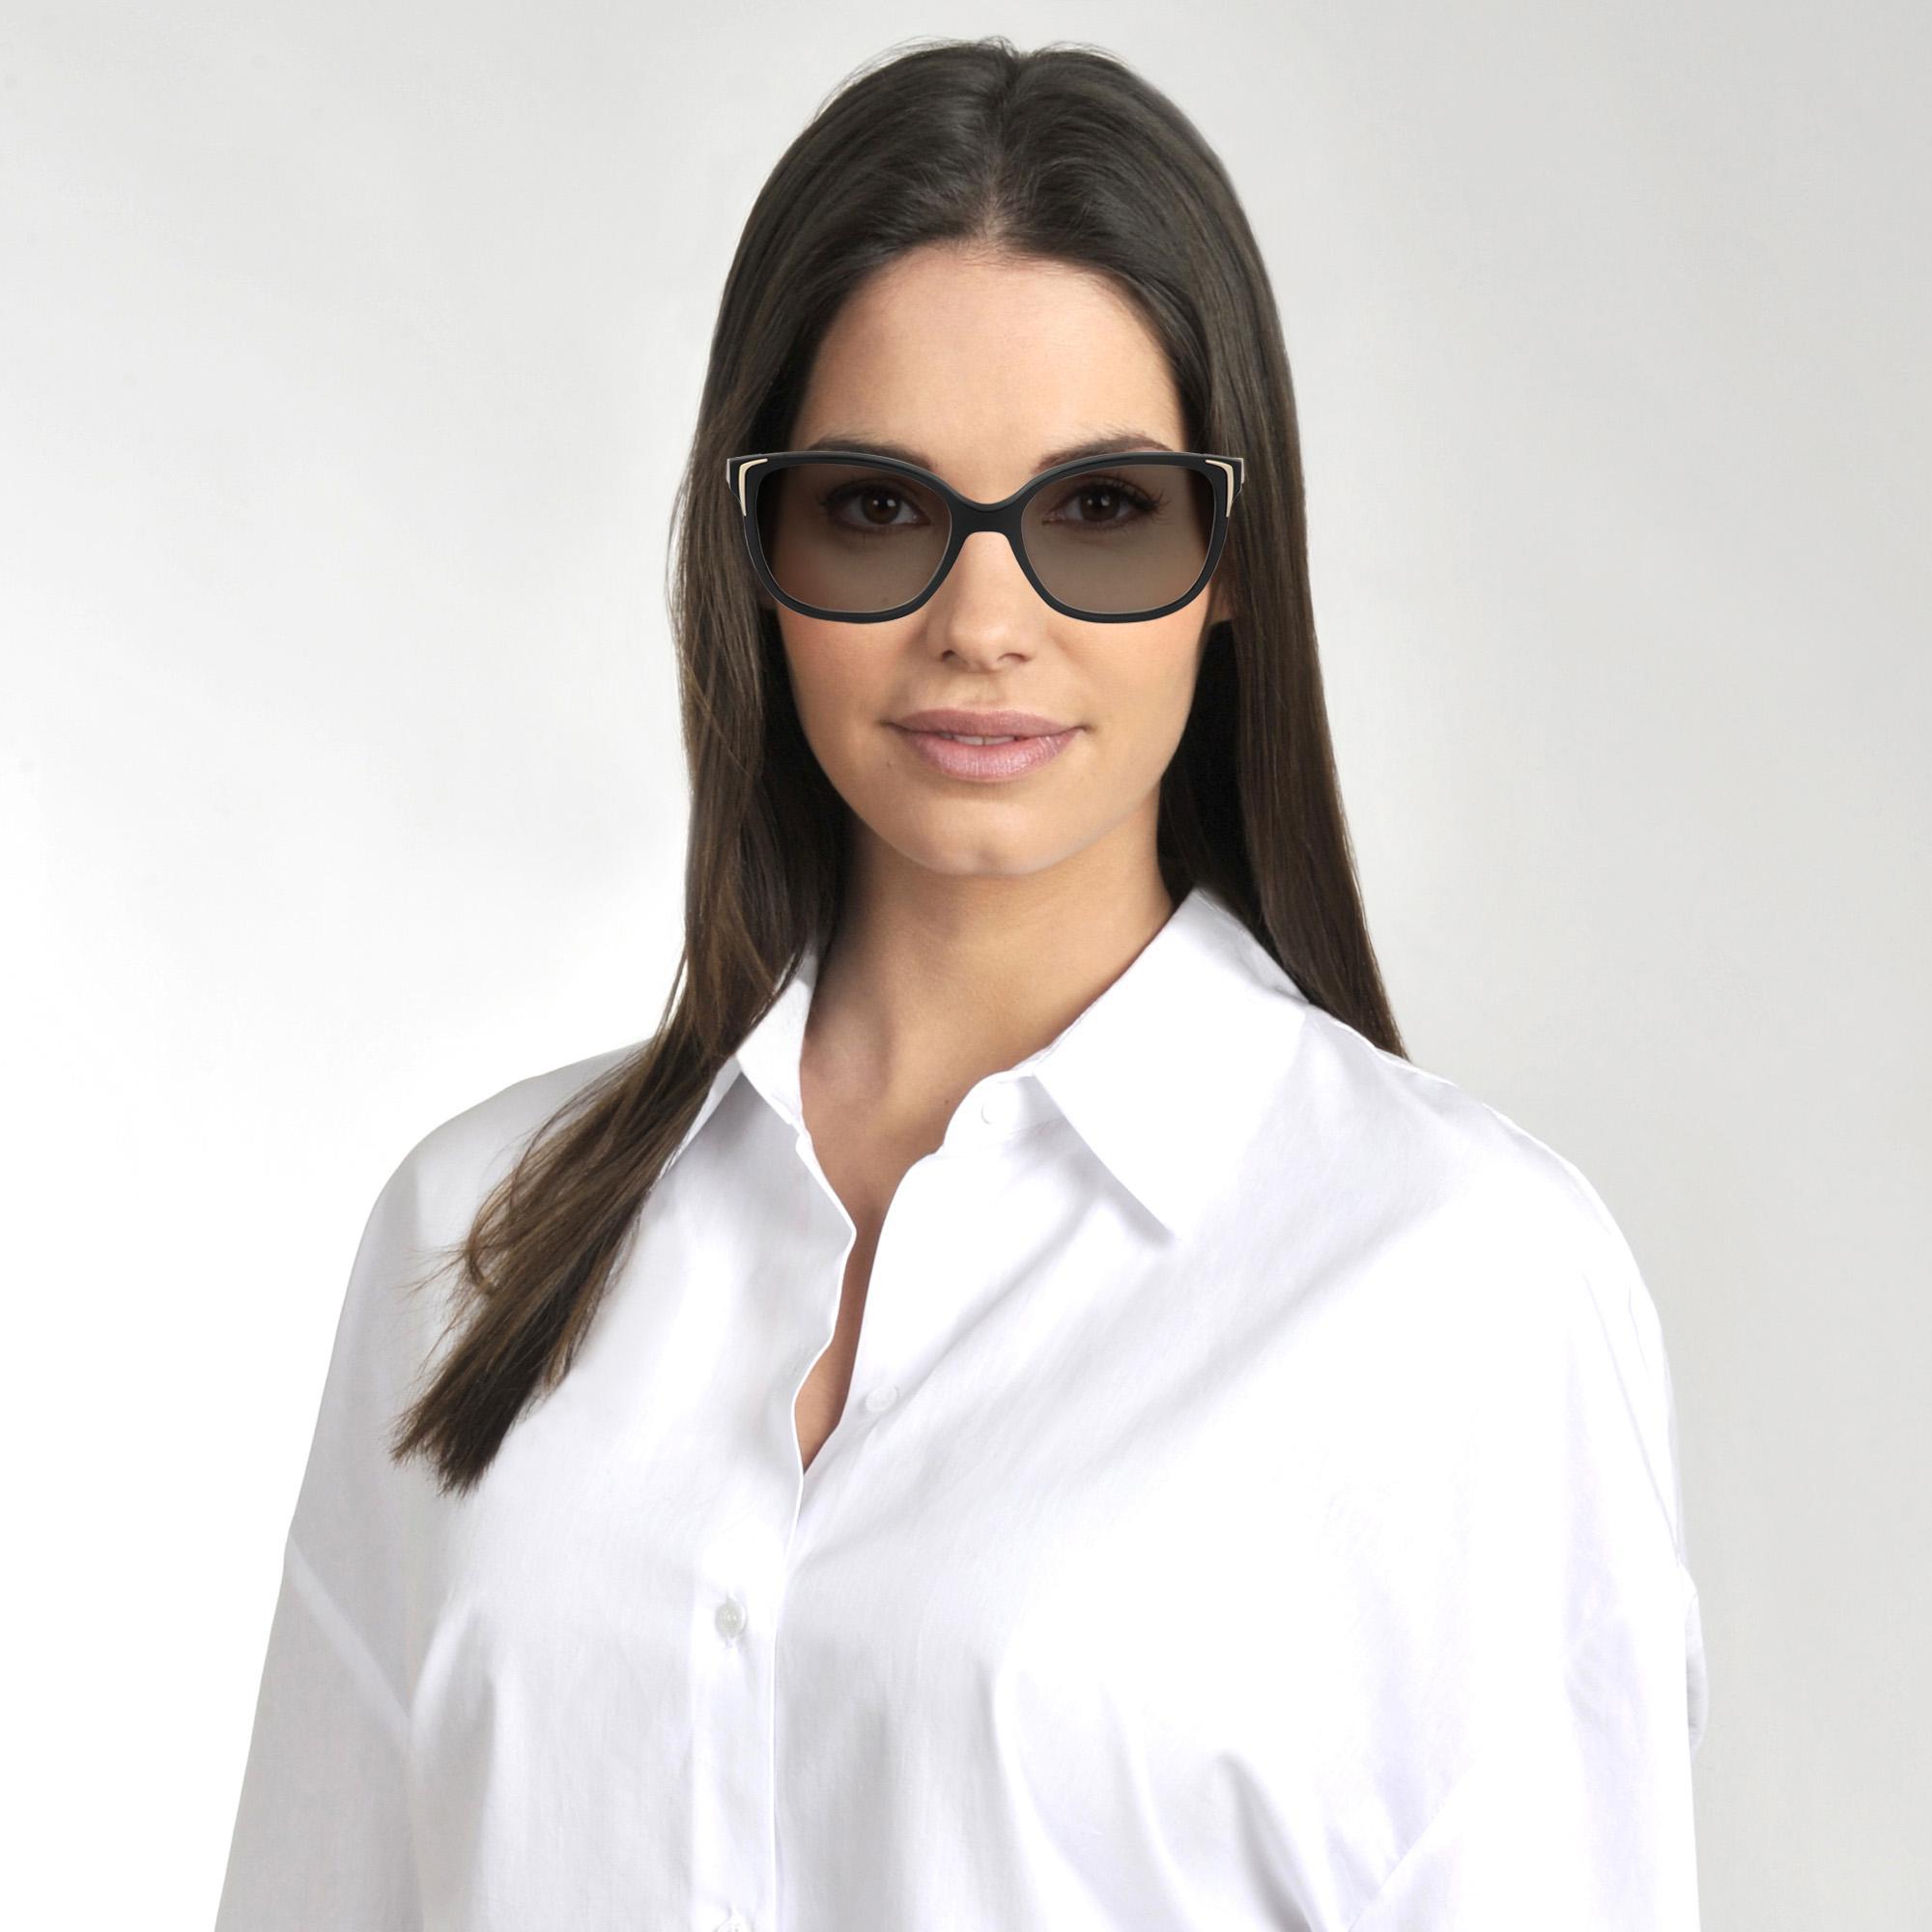 16d4afec05 Lyst - Prada 0pr 01os Sunglasses In Black Acetate